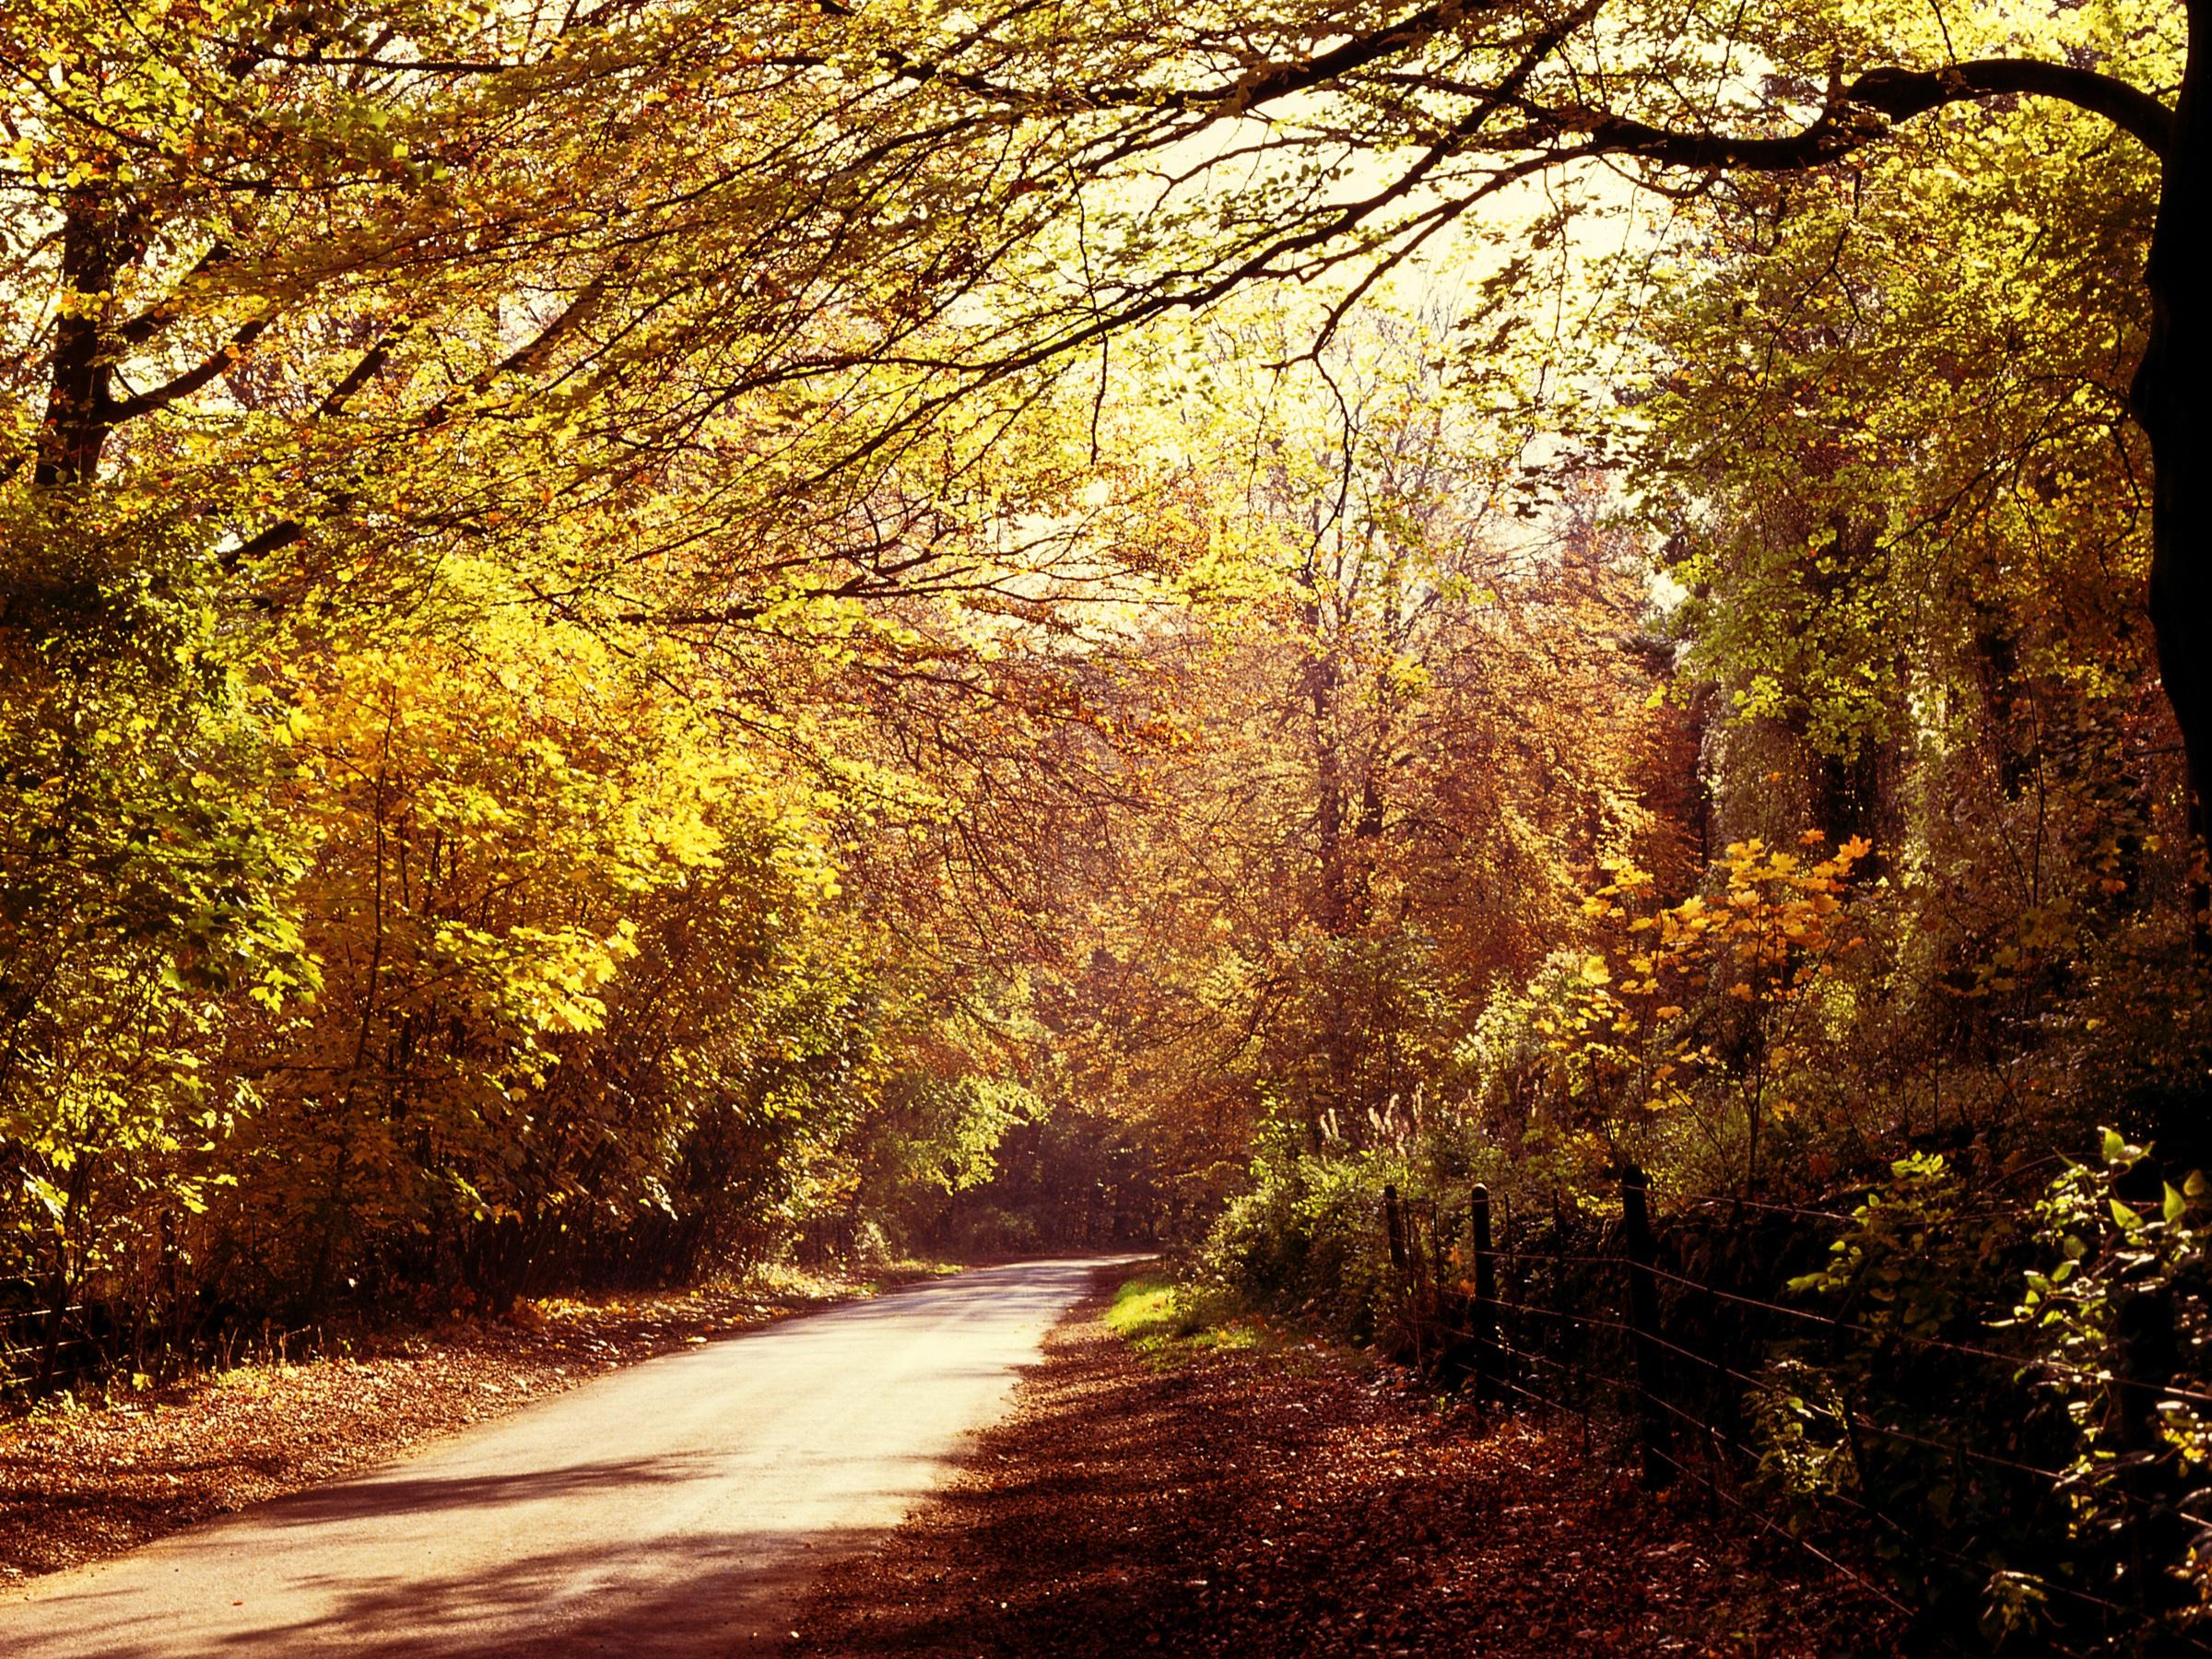 <p><strong>Гората Уичууд в Оксфордшир, Англия</strong></p>  <p>Тези, които са влизали в гората твърдят, че са виждали доста стряскащи неща &ndash; от плачещи деца до преминаваща карета с коне и докосване от непозната ръка. Легенда разказва за призрака на Ейми Робсарт &ndash; съпругата на графа на Лестър.</p>